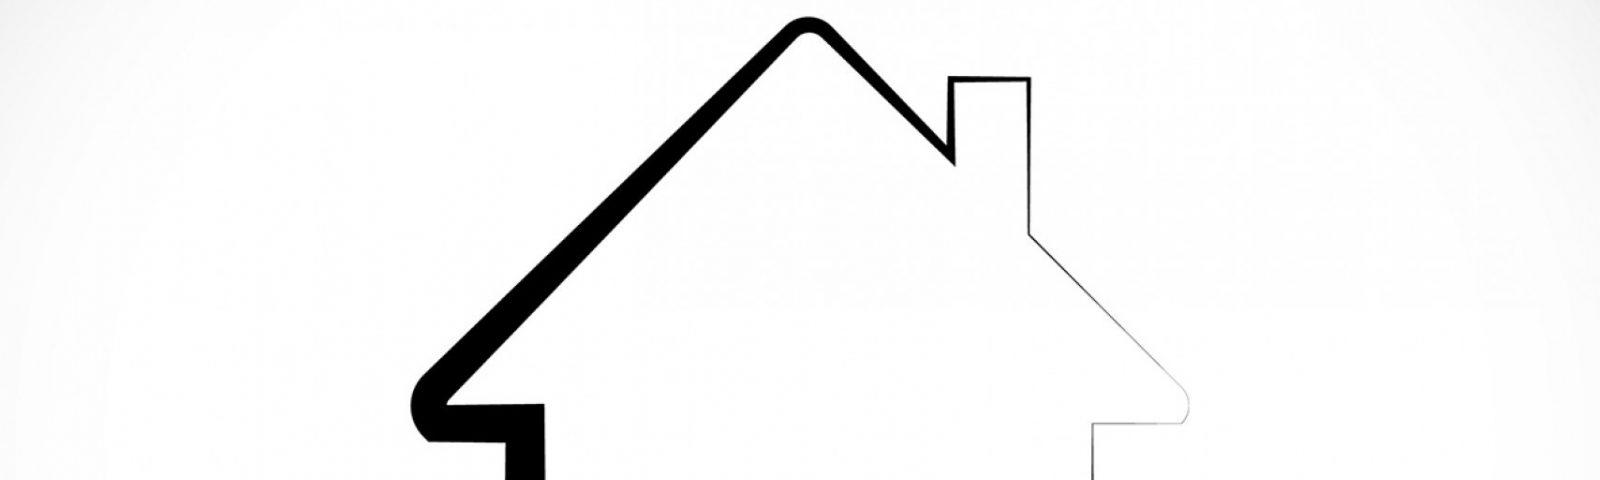 Remax cresce no arrendamento e atinge 200 mil transações